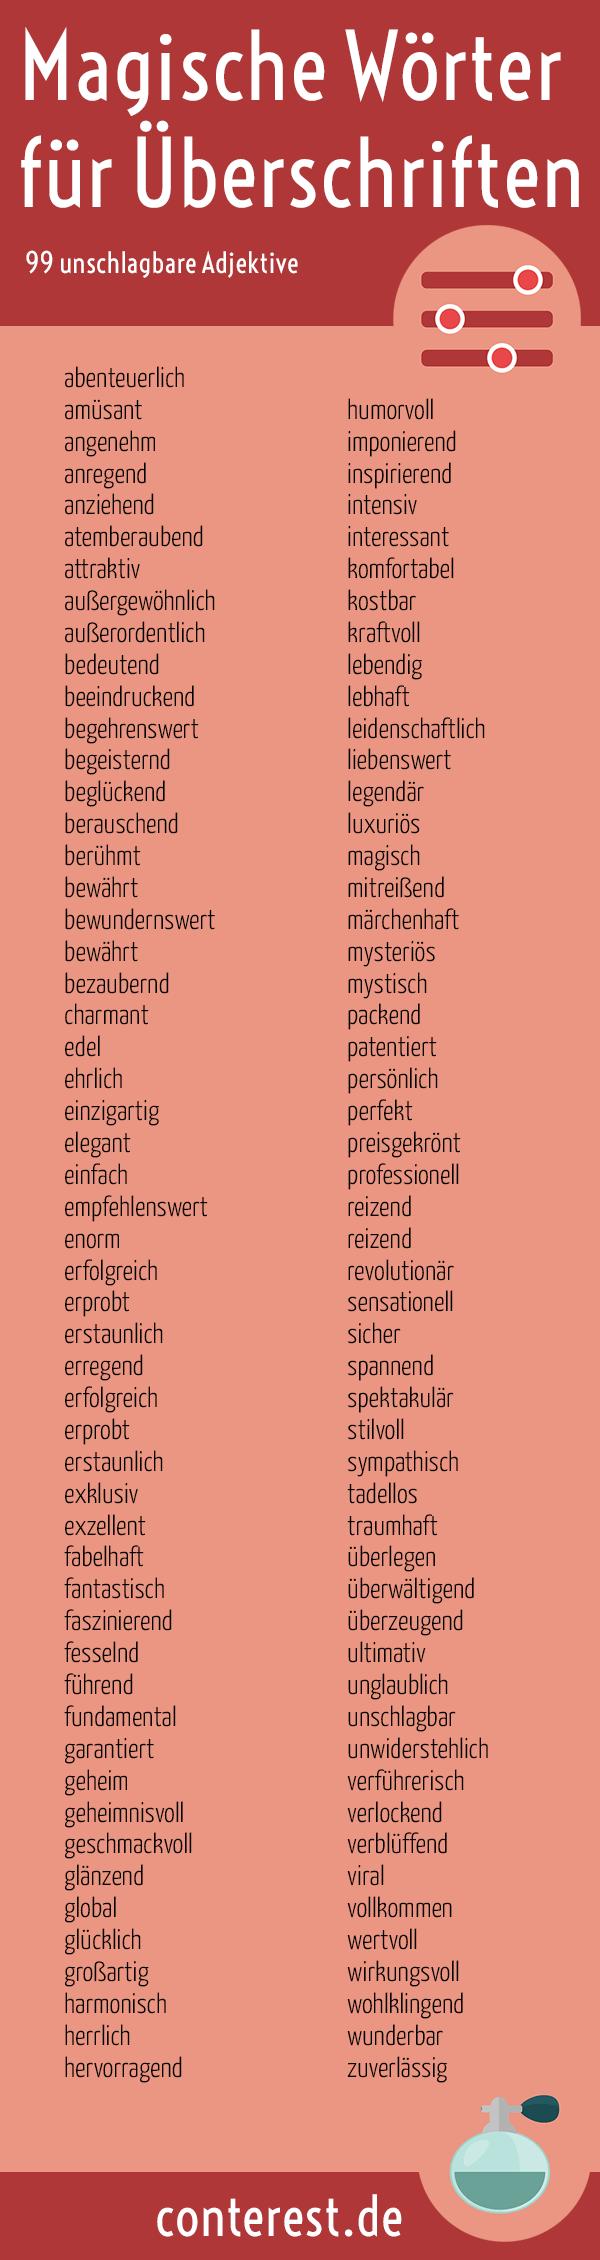 99 Magische Wörter für unschlagbare Überschriften. Wie du unschlagbar gute Überschriften schreibst.